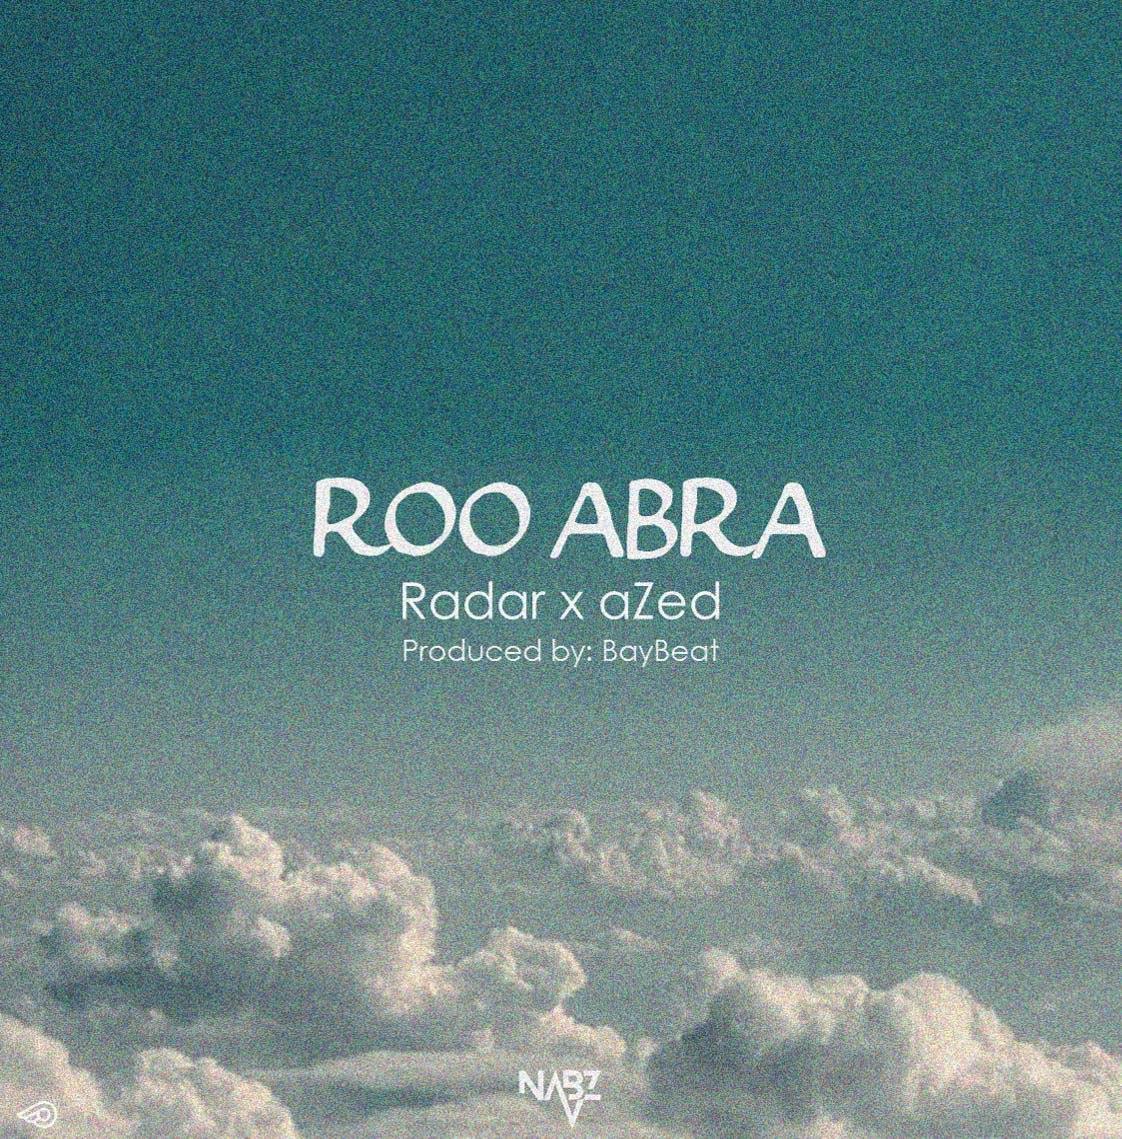 Radar x aZed – Roo Abra